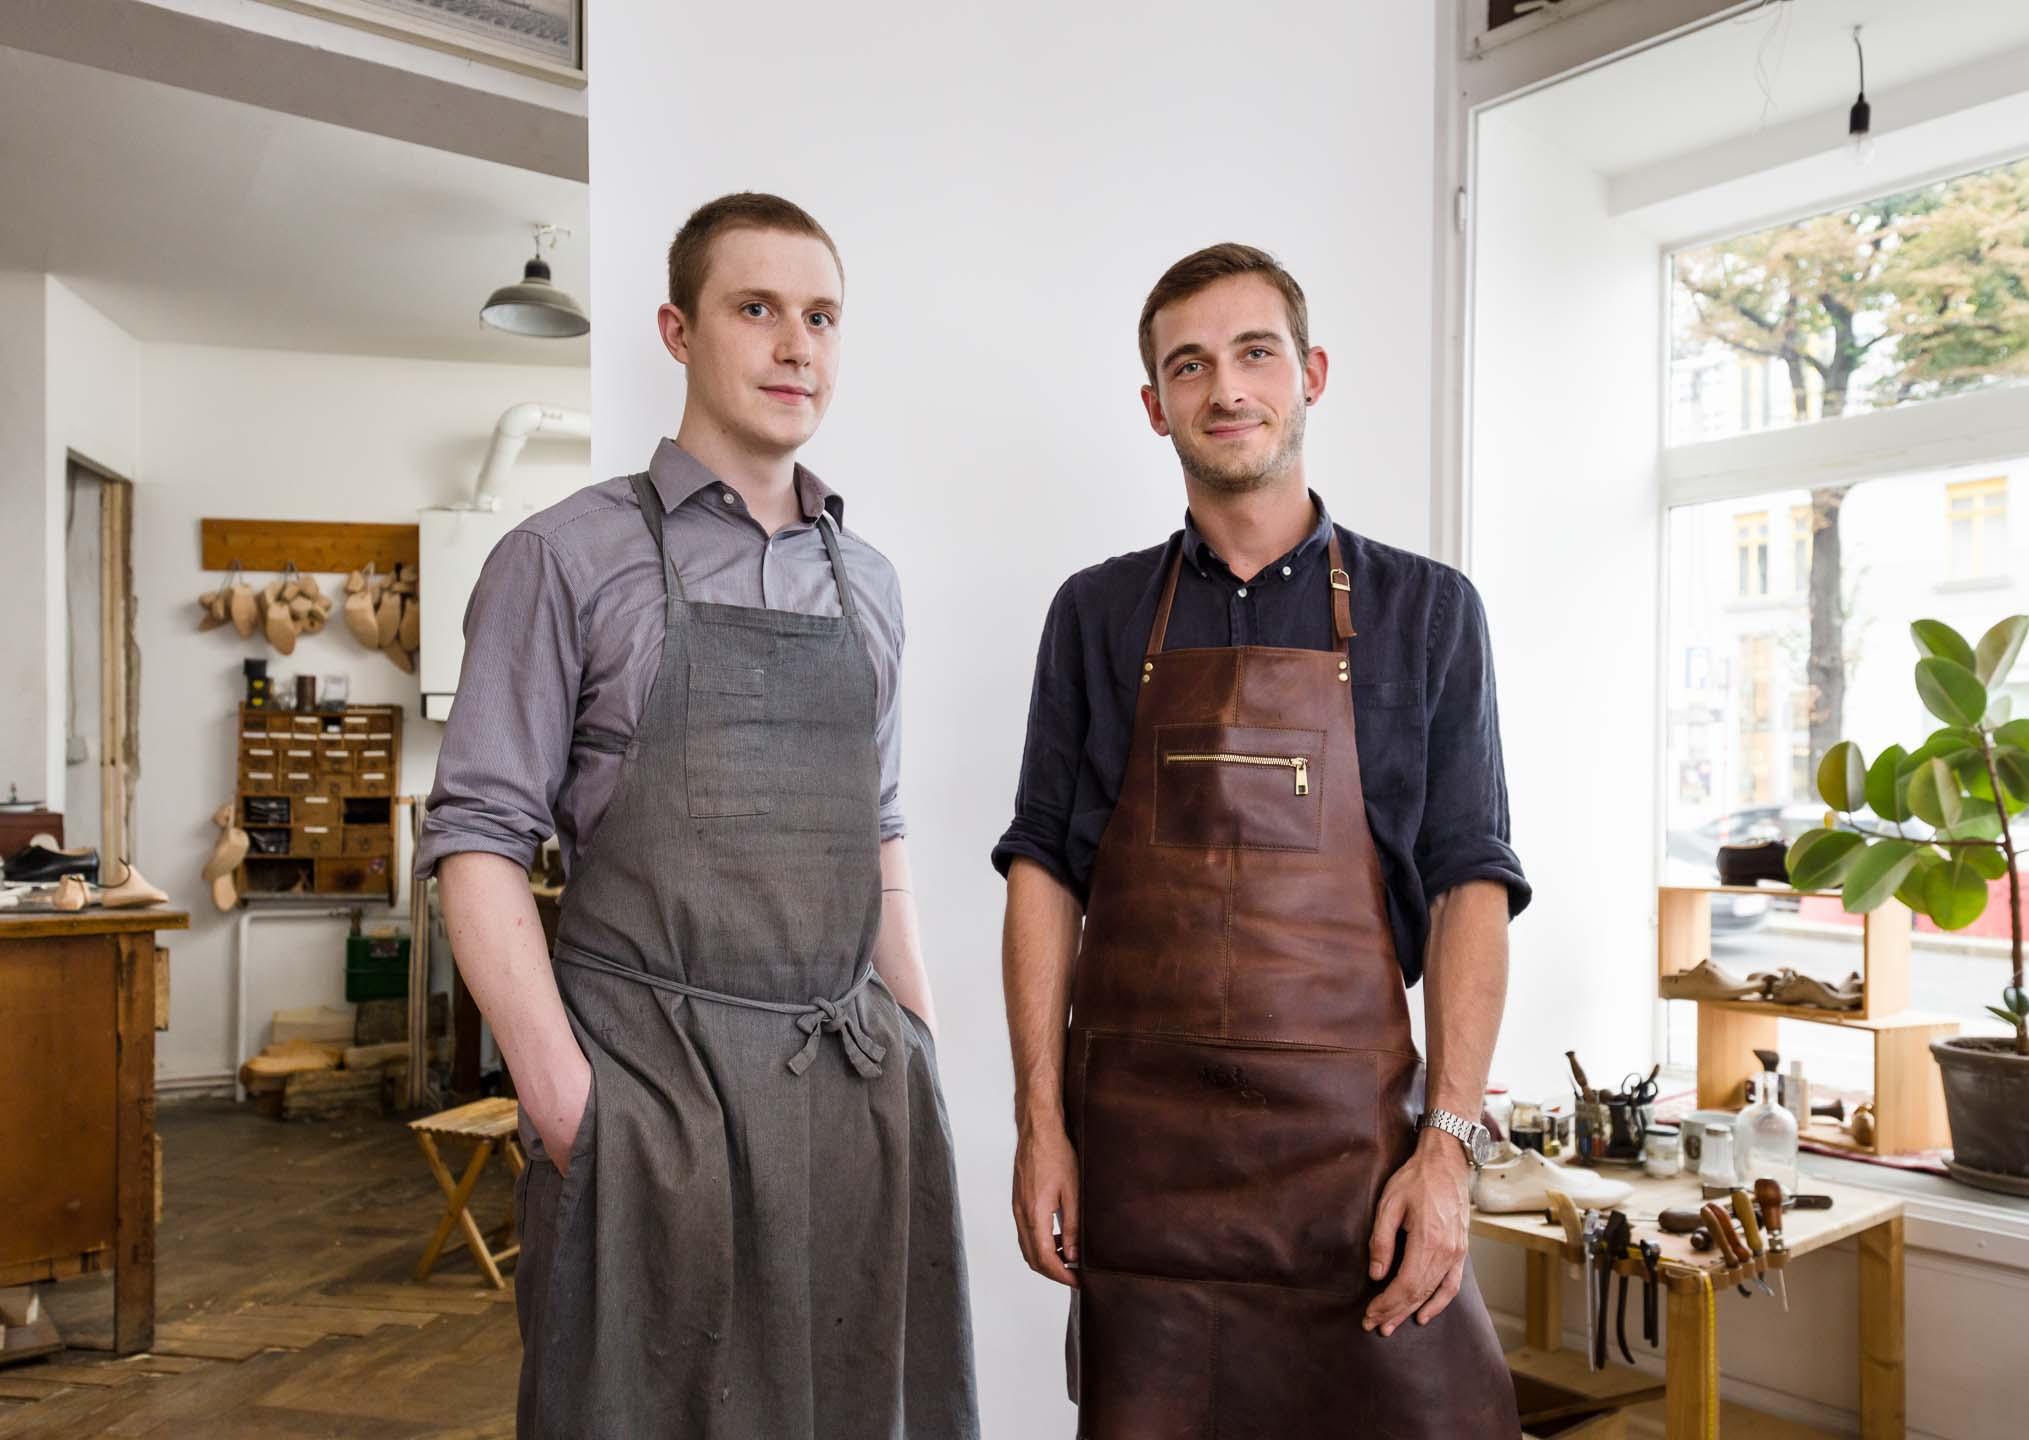 Gruppenportrait von zwei Handwerkern in der Werkstatt